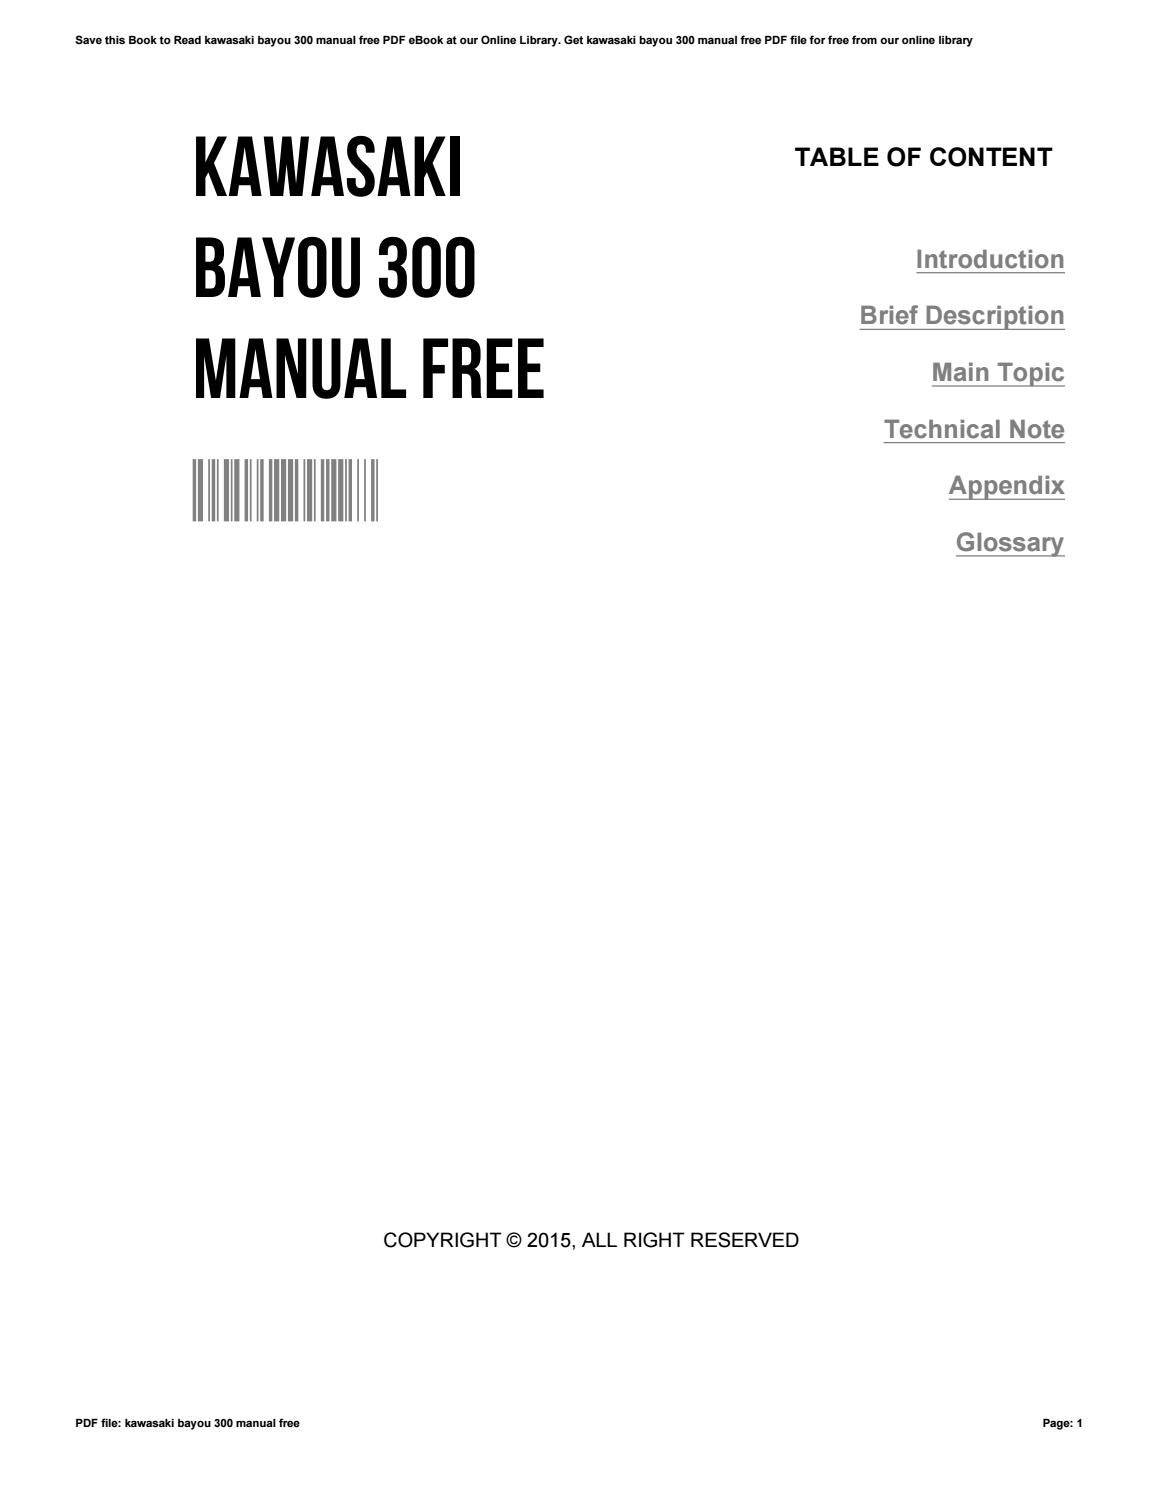 kawasaki bayou 300 manual free